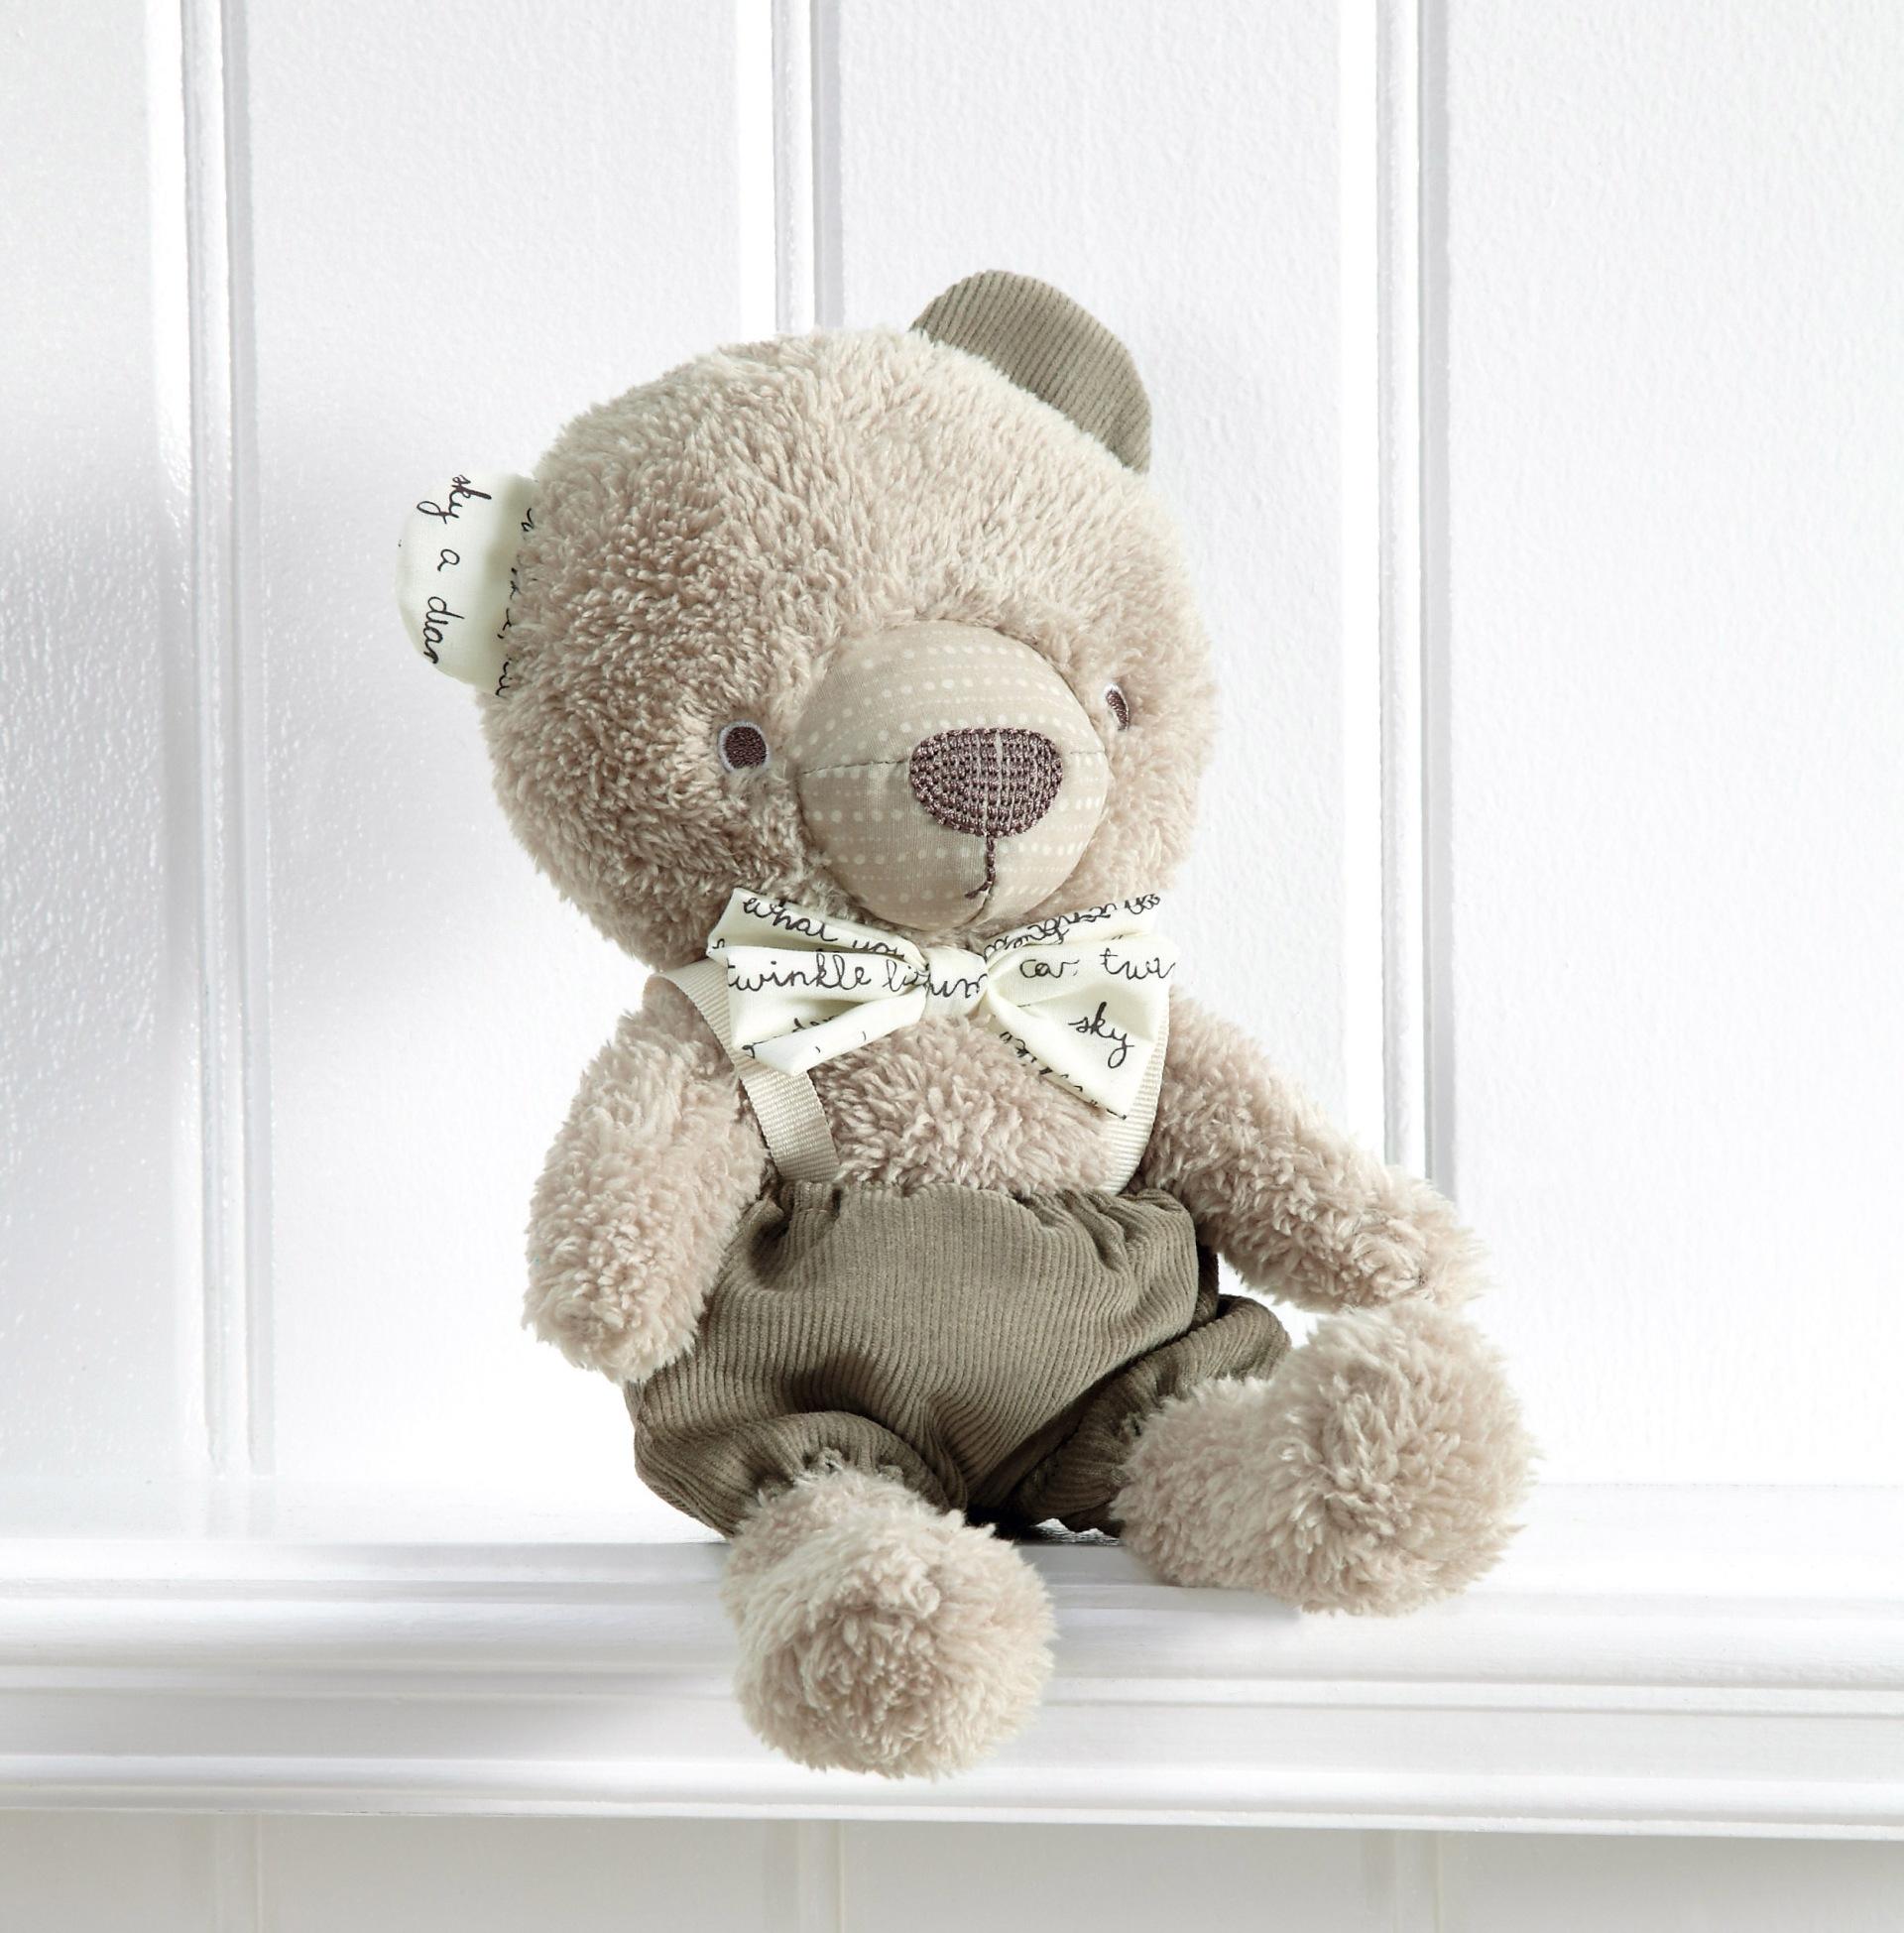 759645301_M&B_boris_bear_LS_re